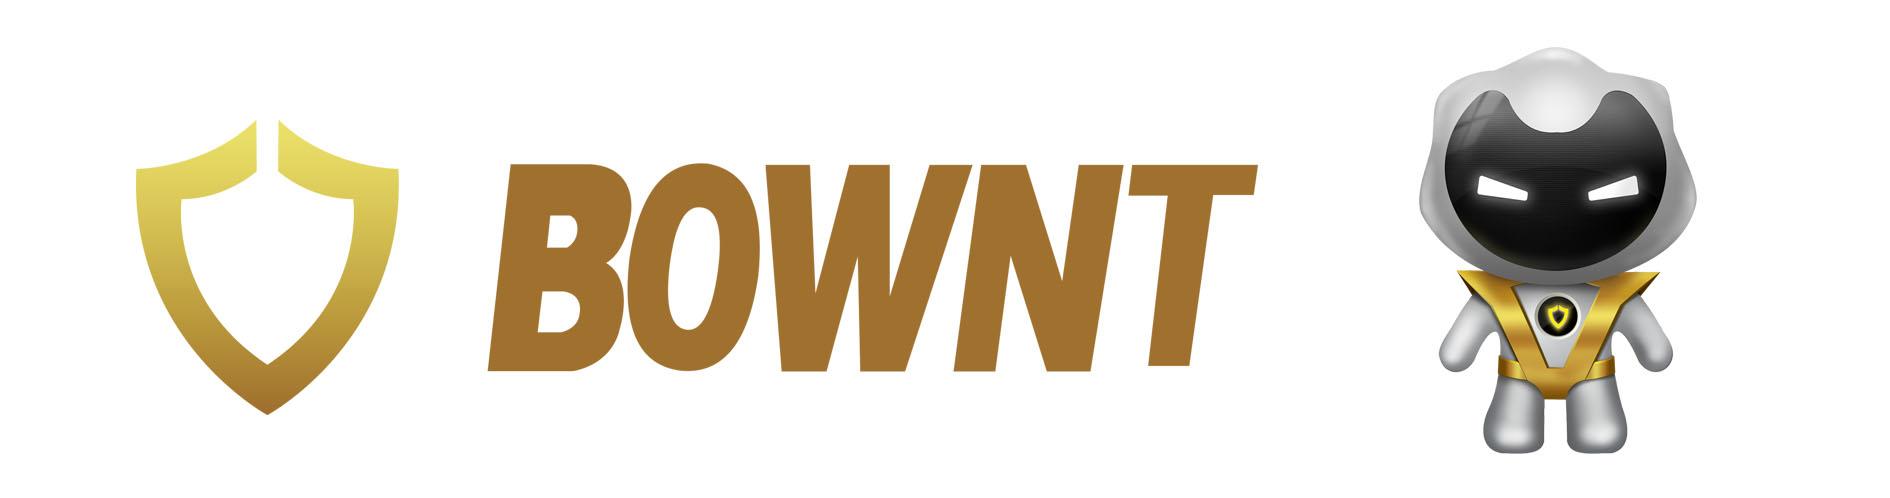 美国BOWNT过滤器技术揭秘